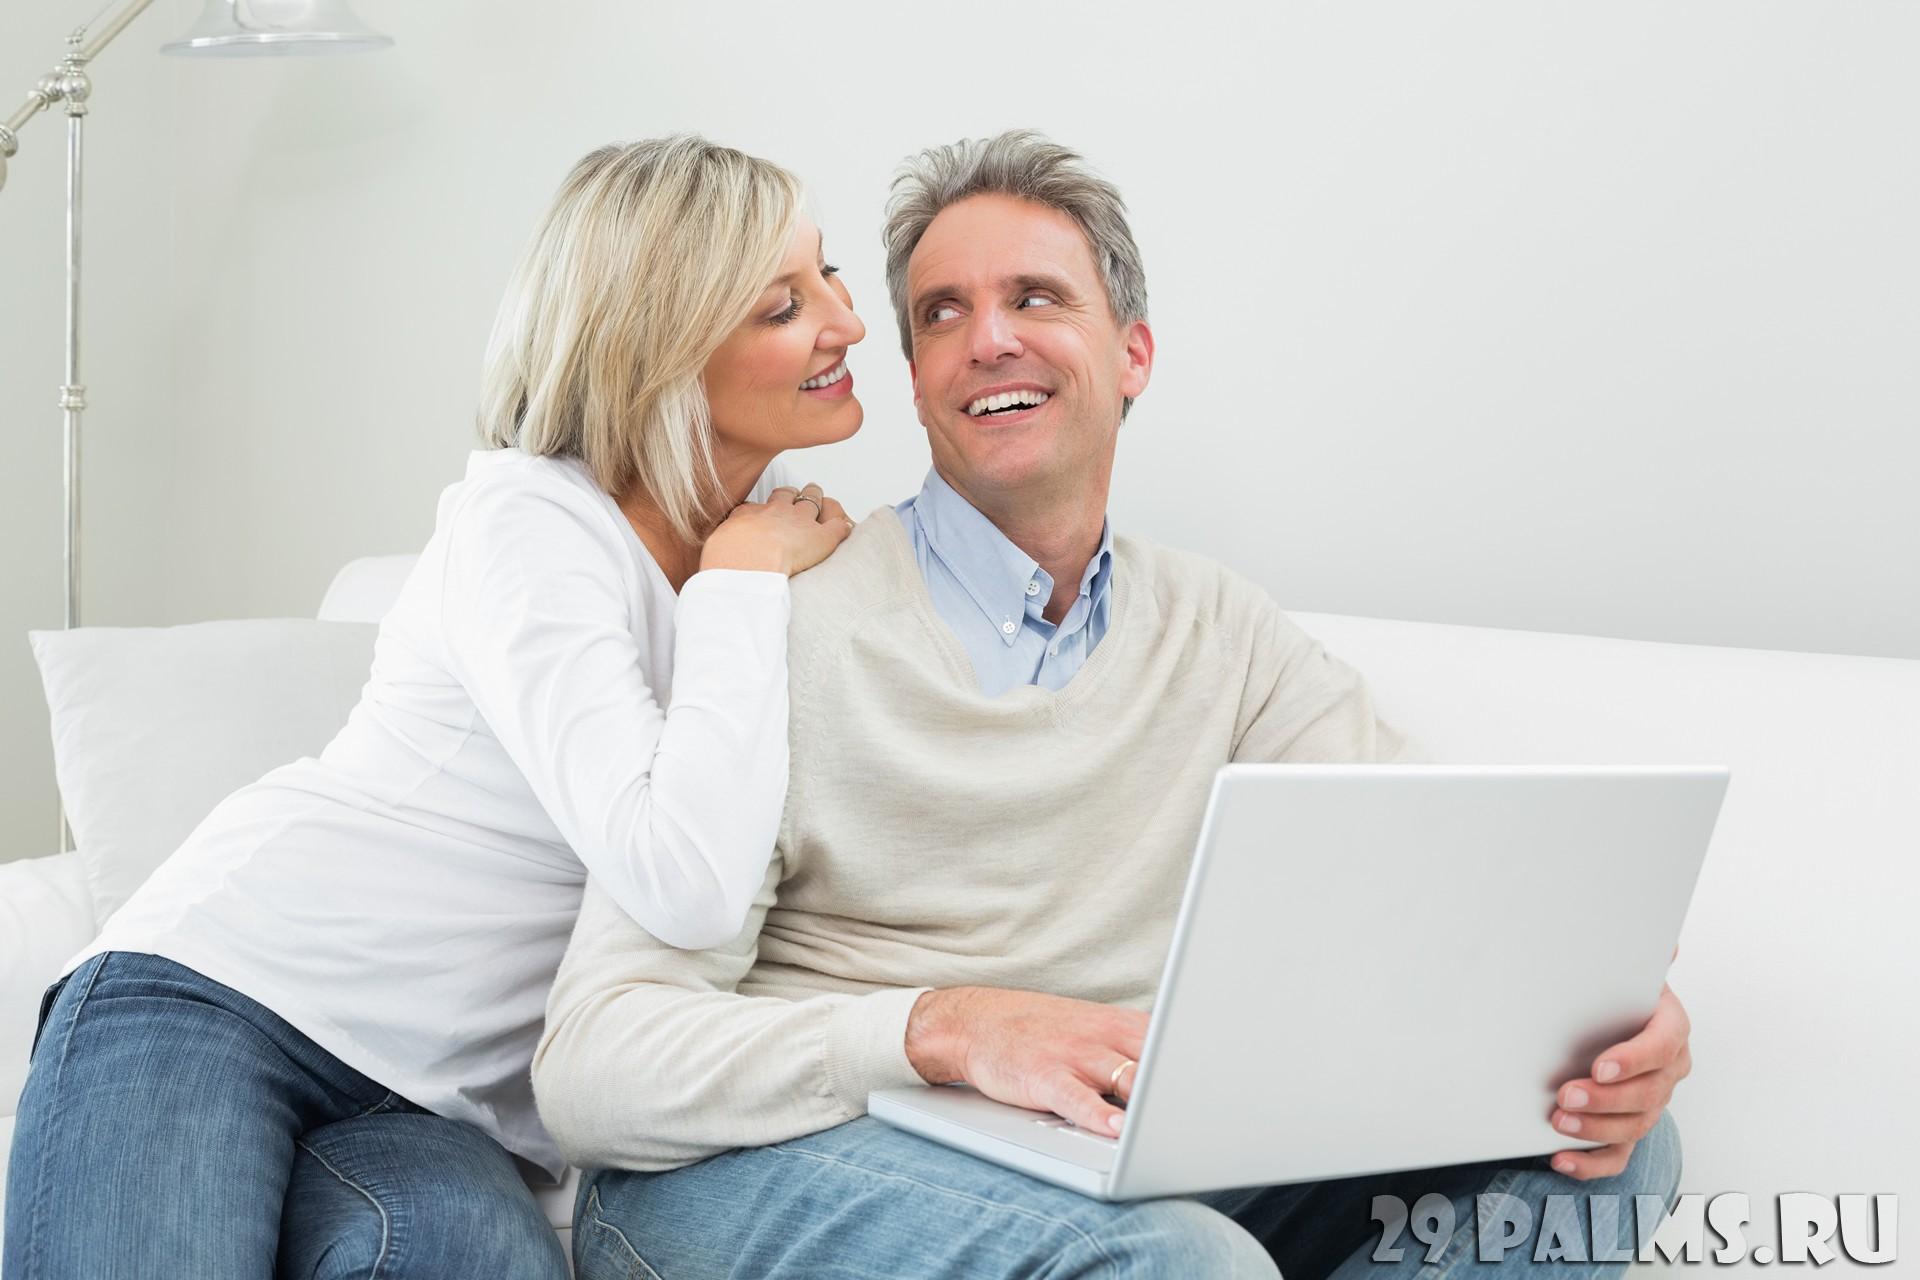 Приходит жена домой а муж в ванной трусы стирает 4 фотография